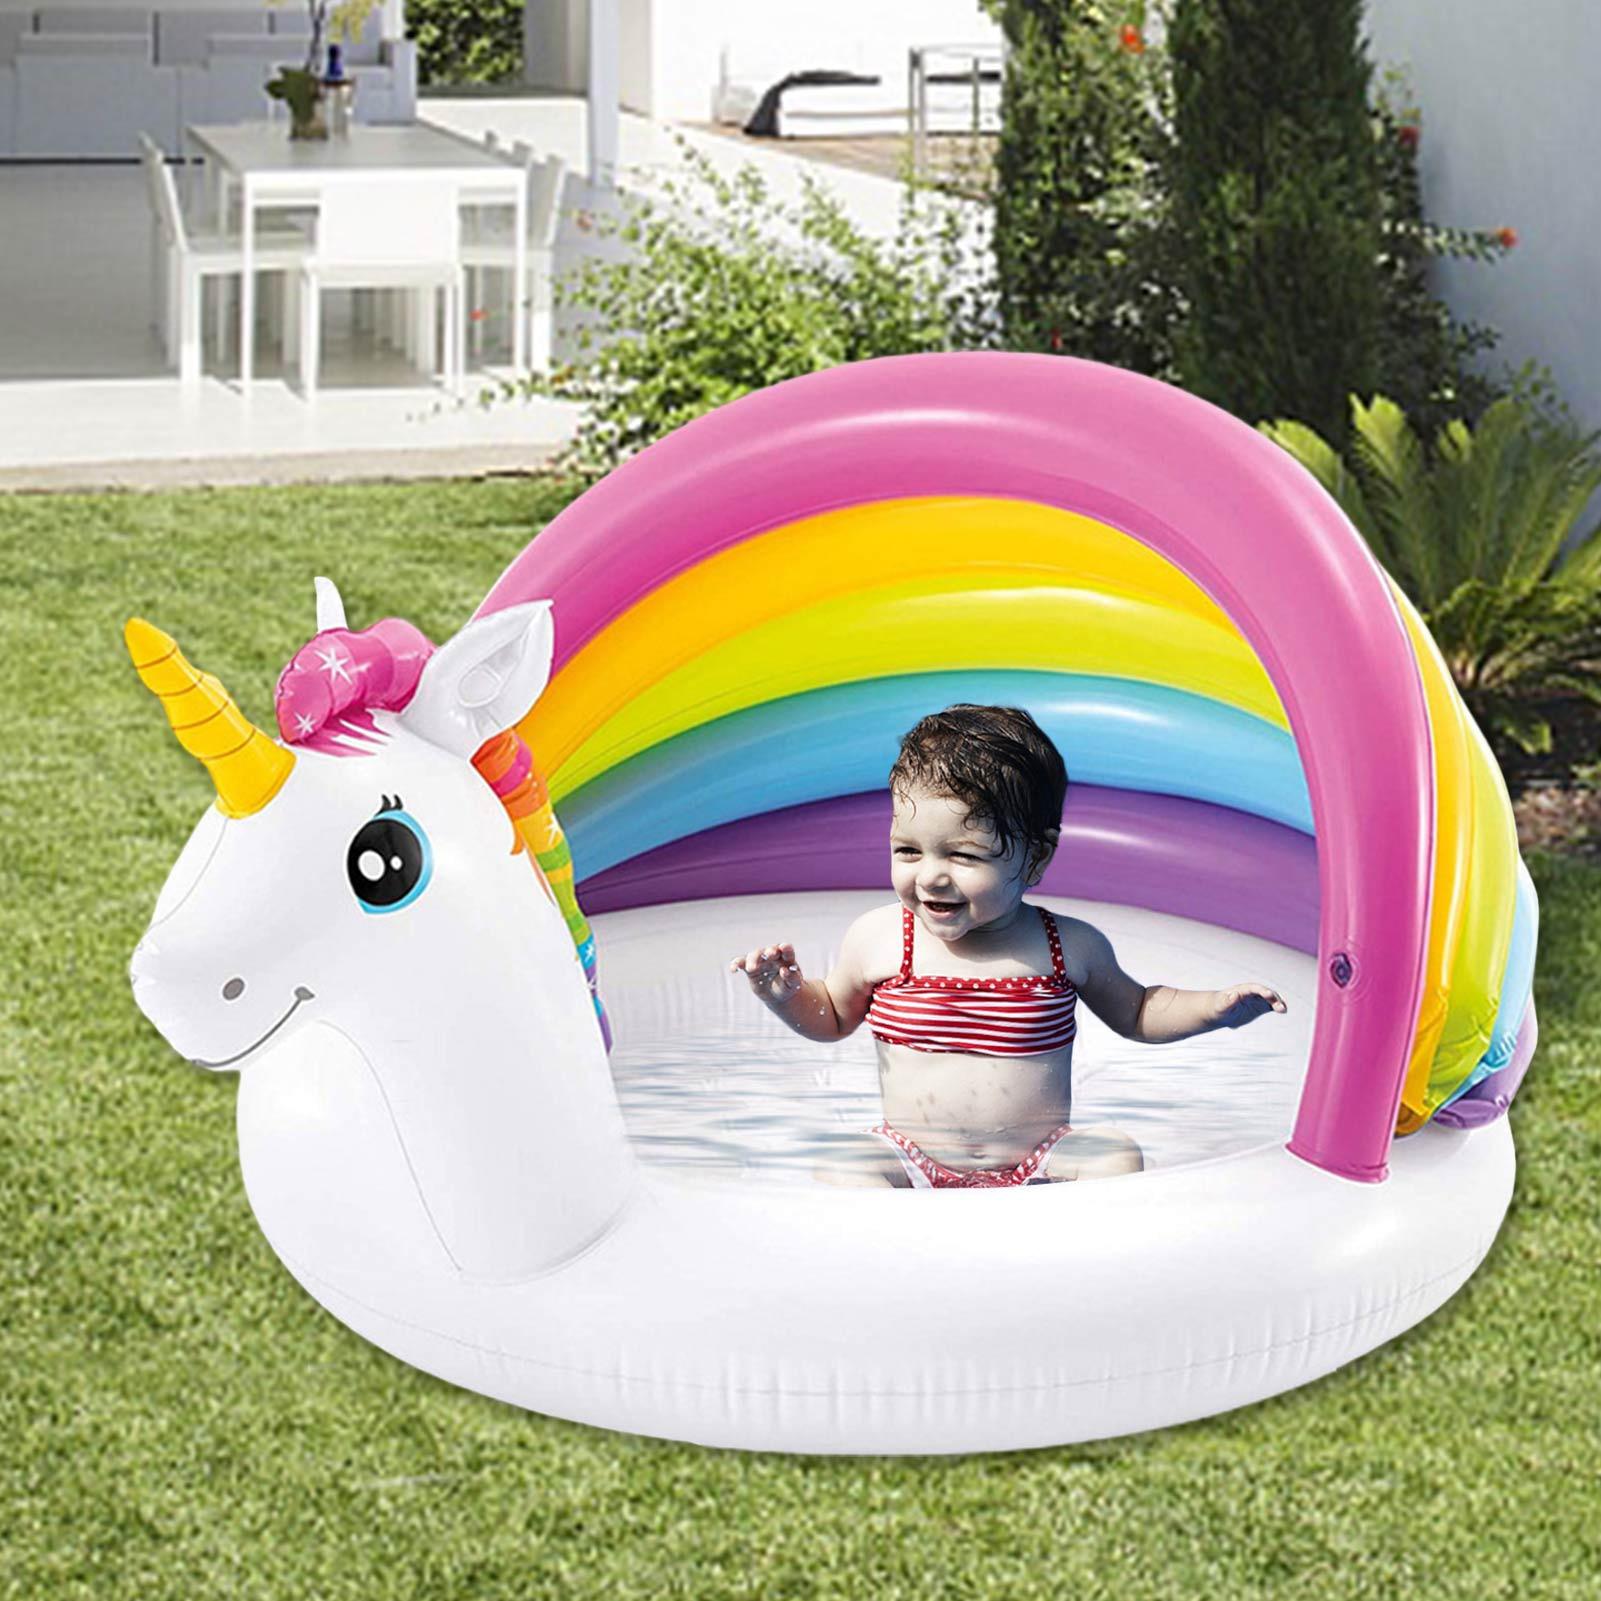 حمام سباحة قابل للنفخ قوس قزح التظليل قوس الكبار الأطفال بركة المحيط تجمع طوافة بلاستيكية للسباحة التجمعات رشاقته دائم